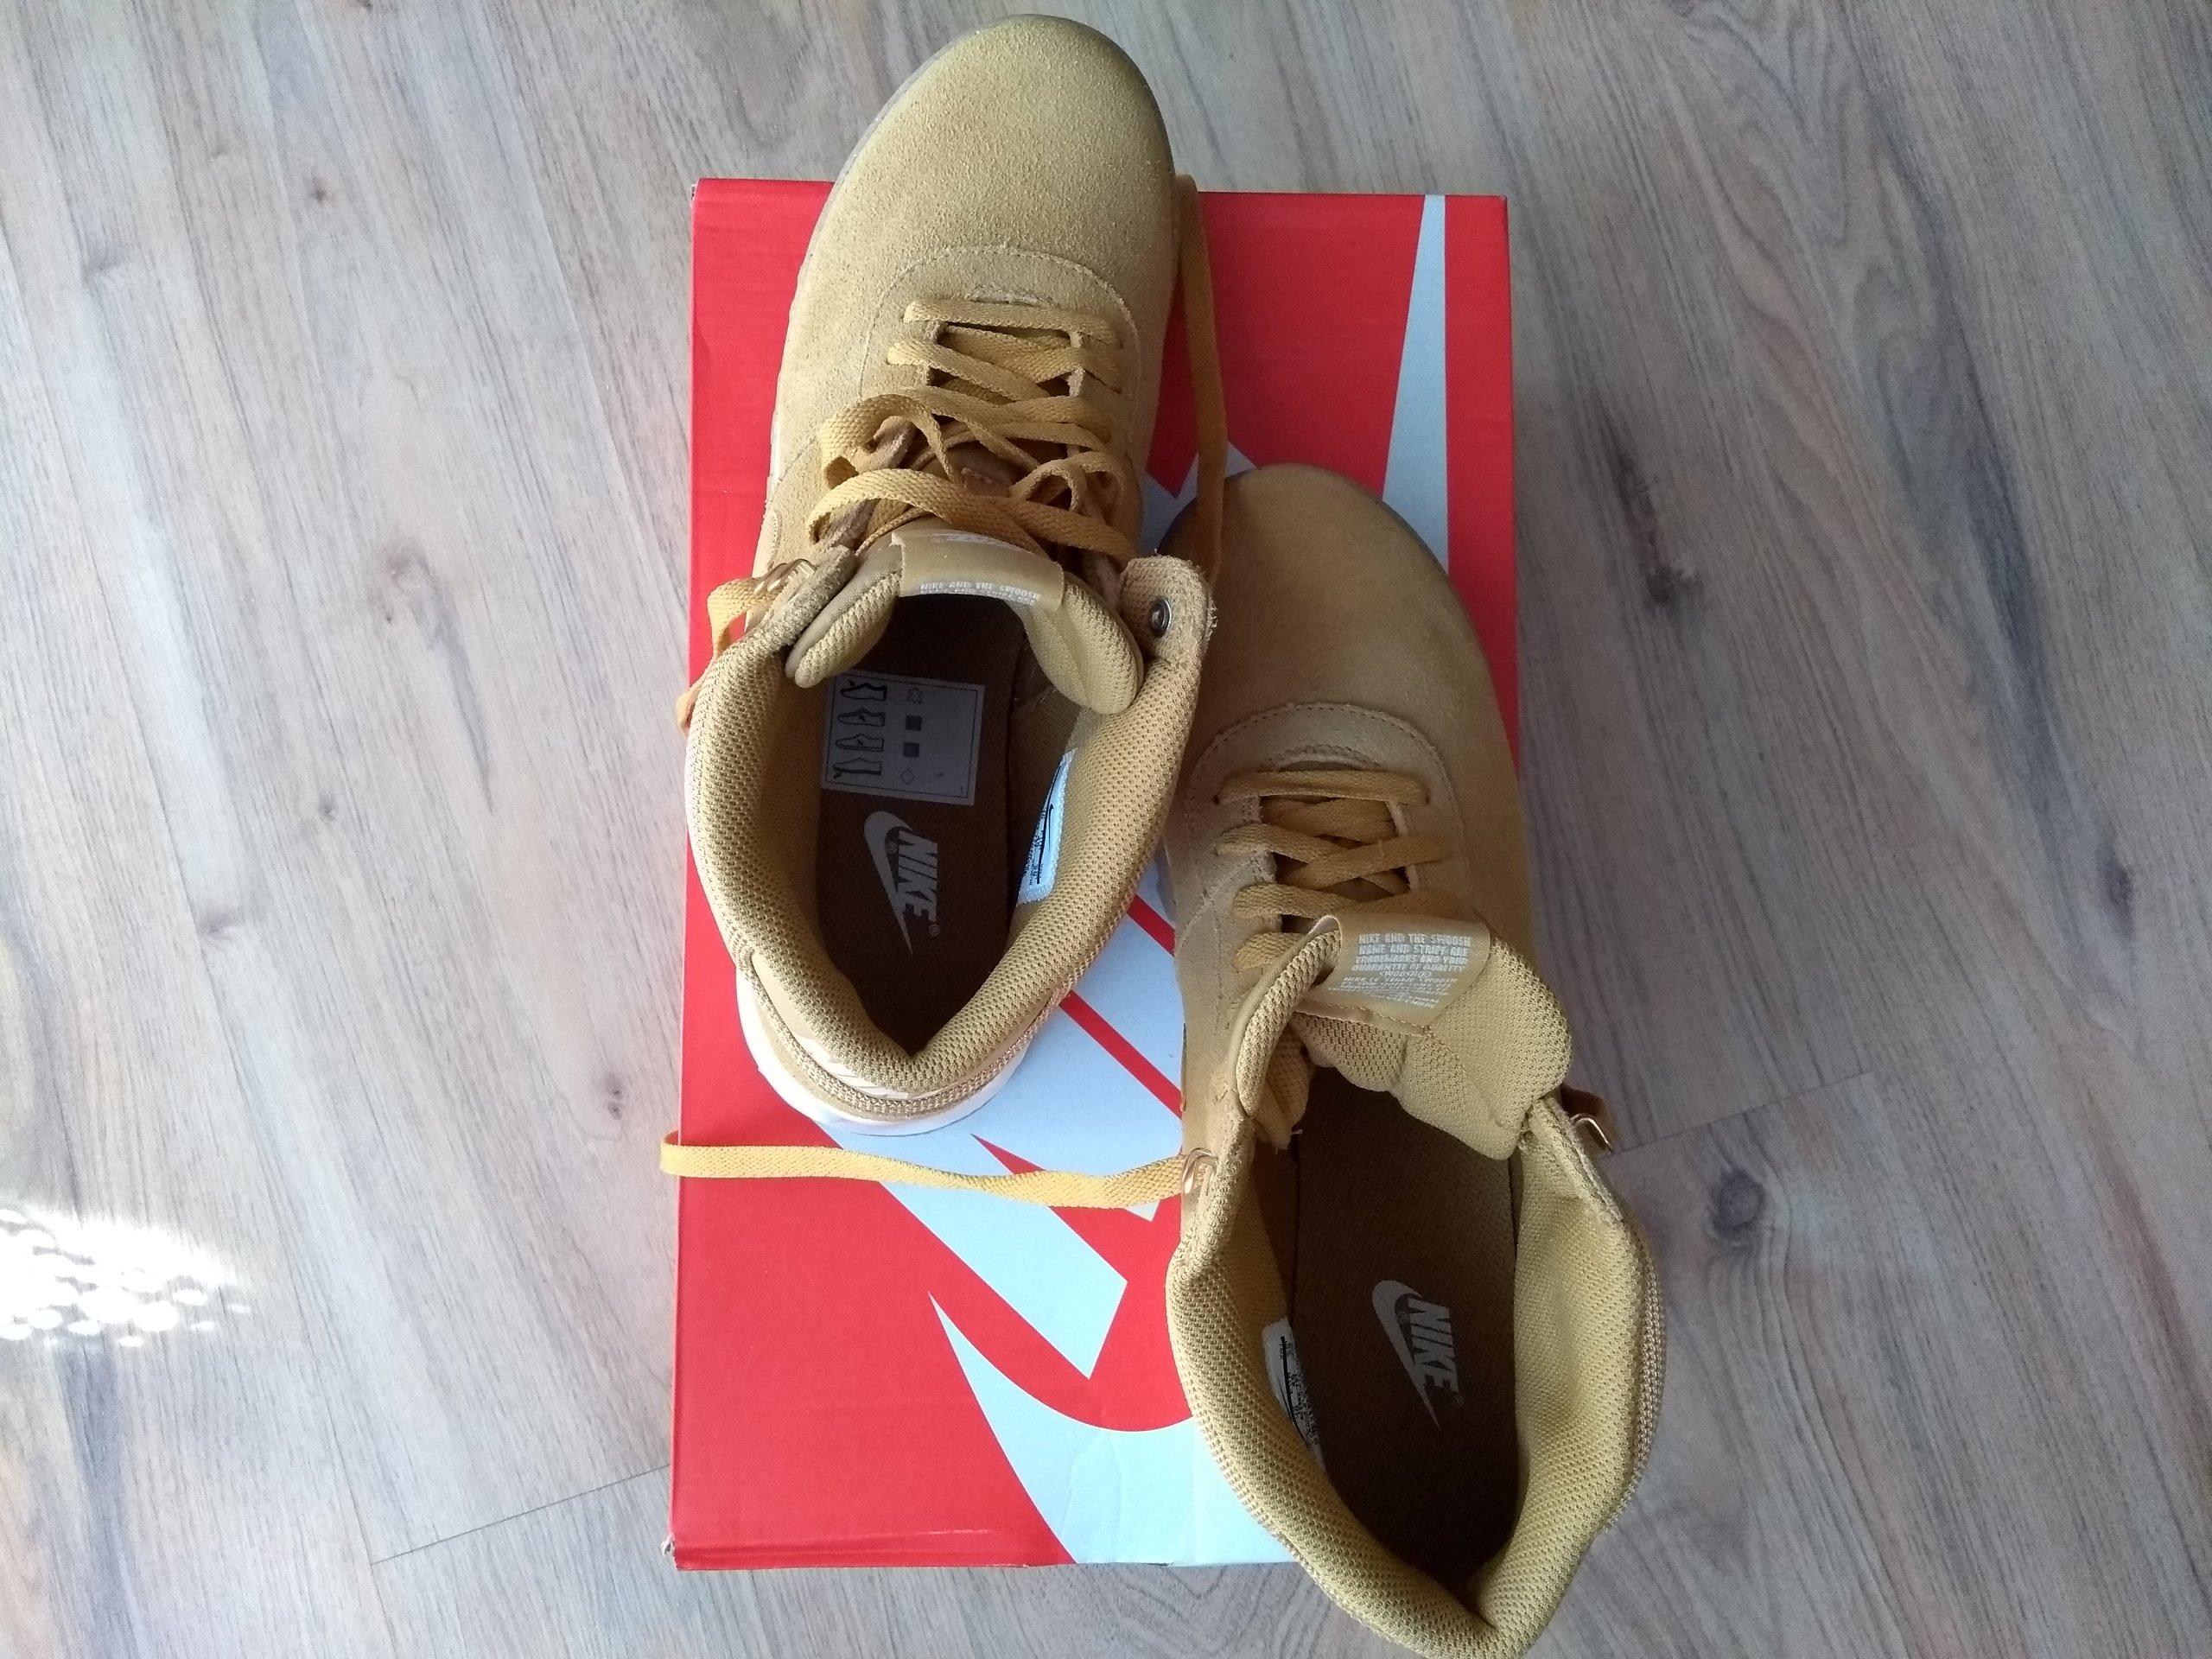 Buty Nike Hoodland Suede męskie rozm. 45 7227868529